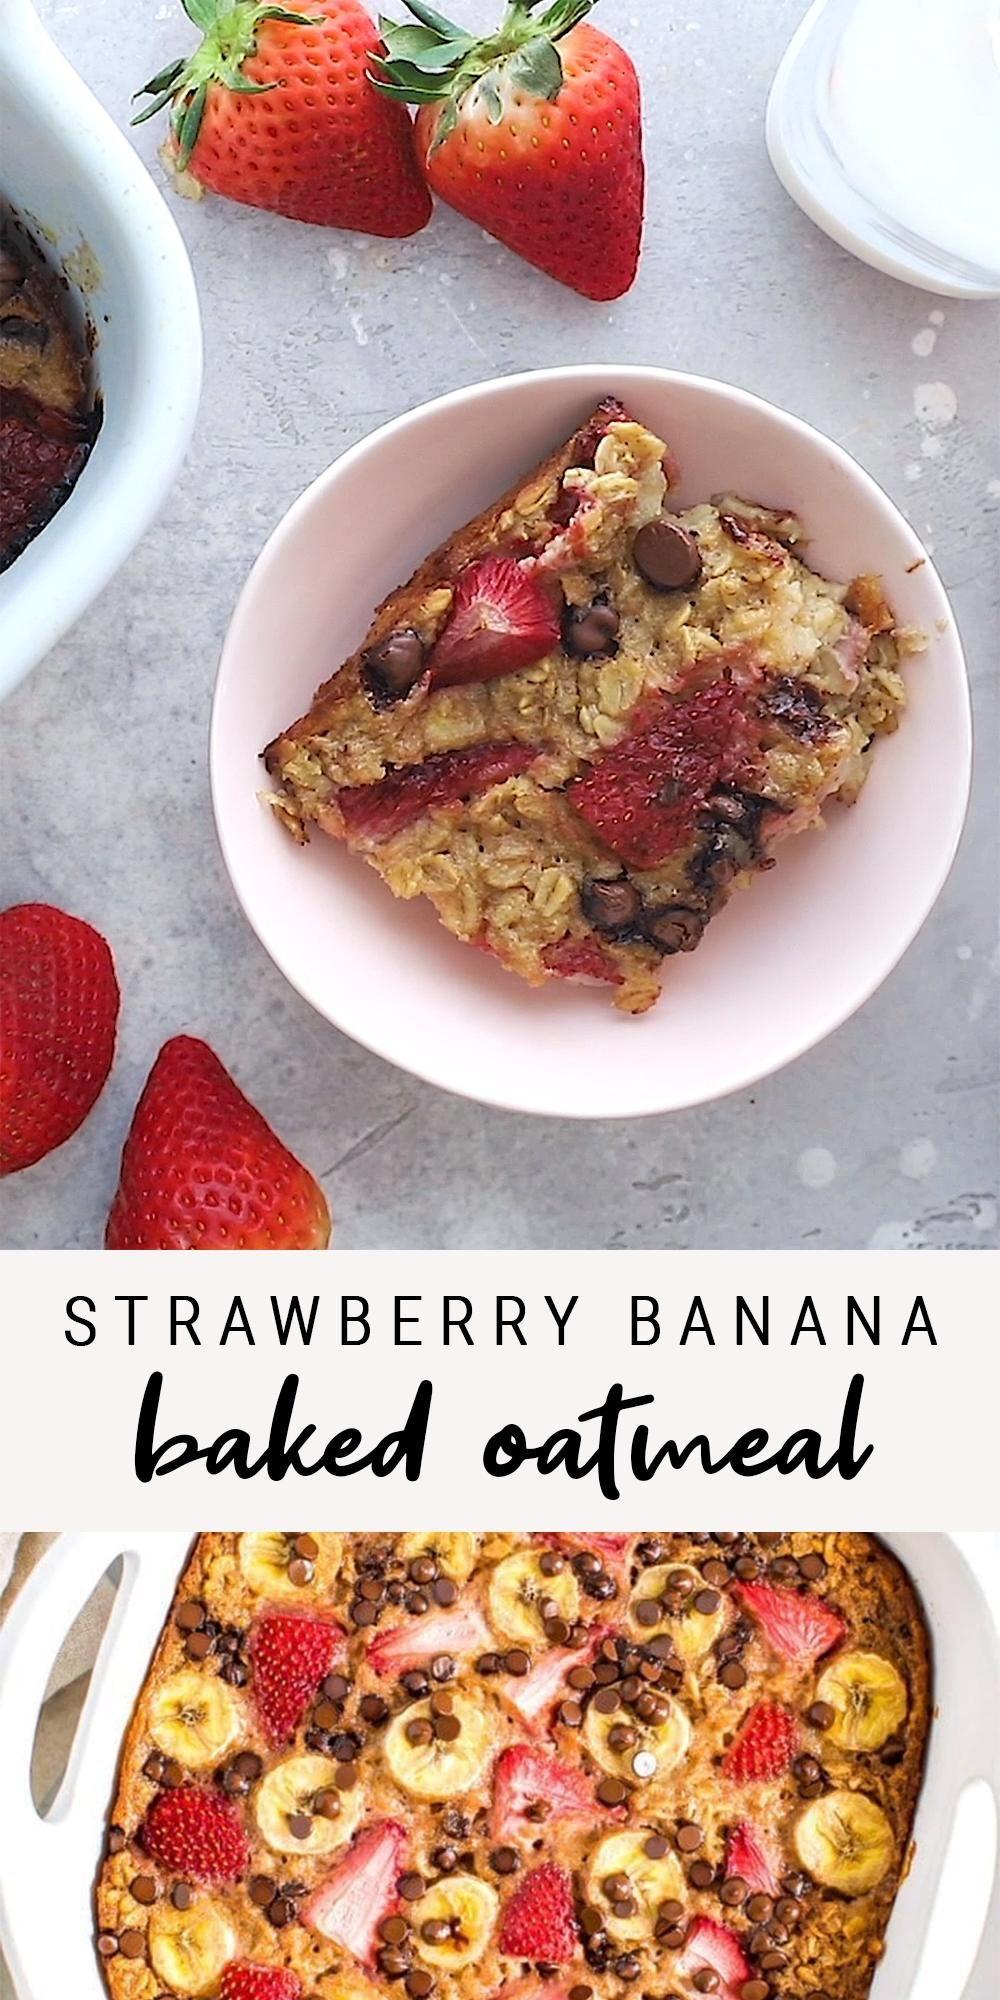 Easy + Healthy Strawberry Banana Baked Oatmeal Rec